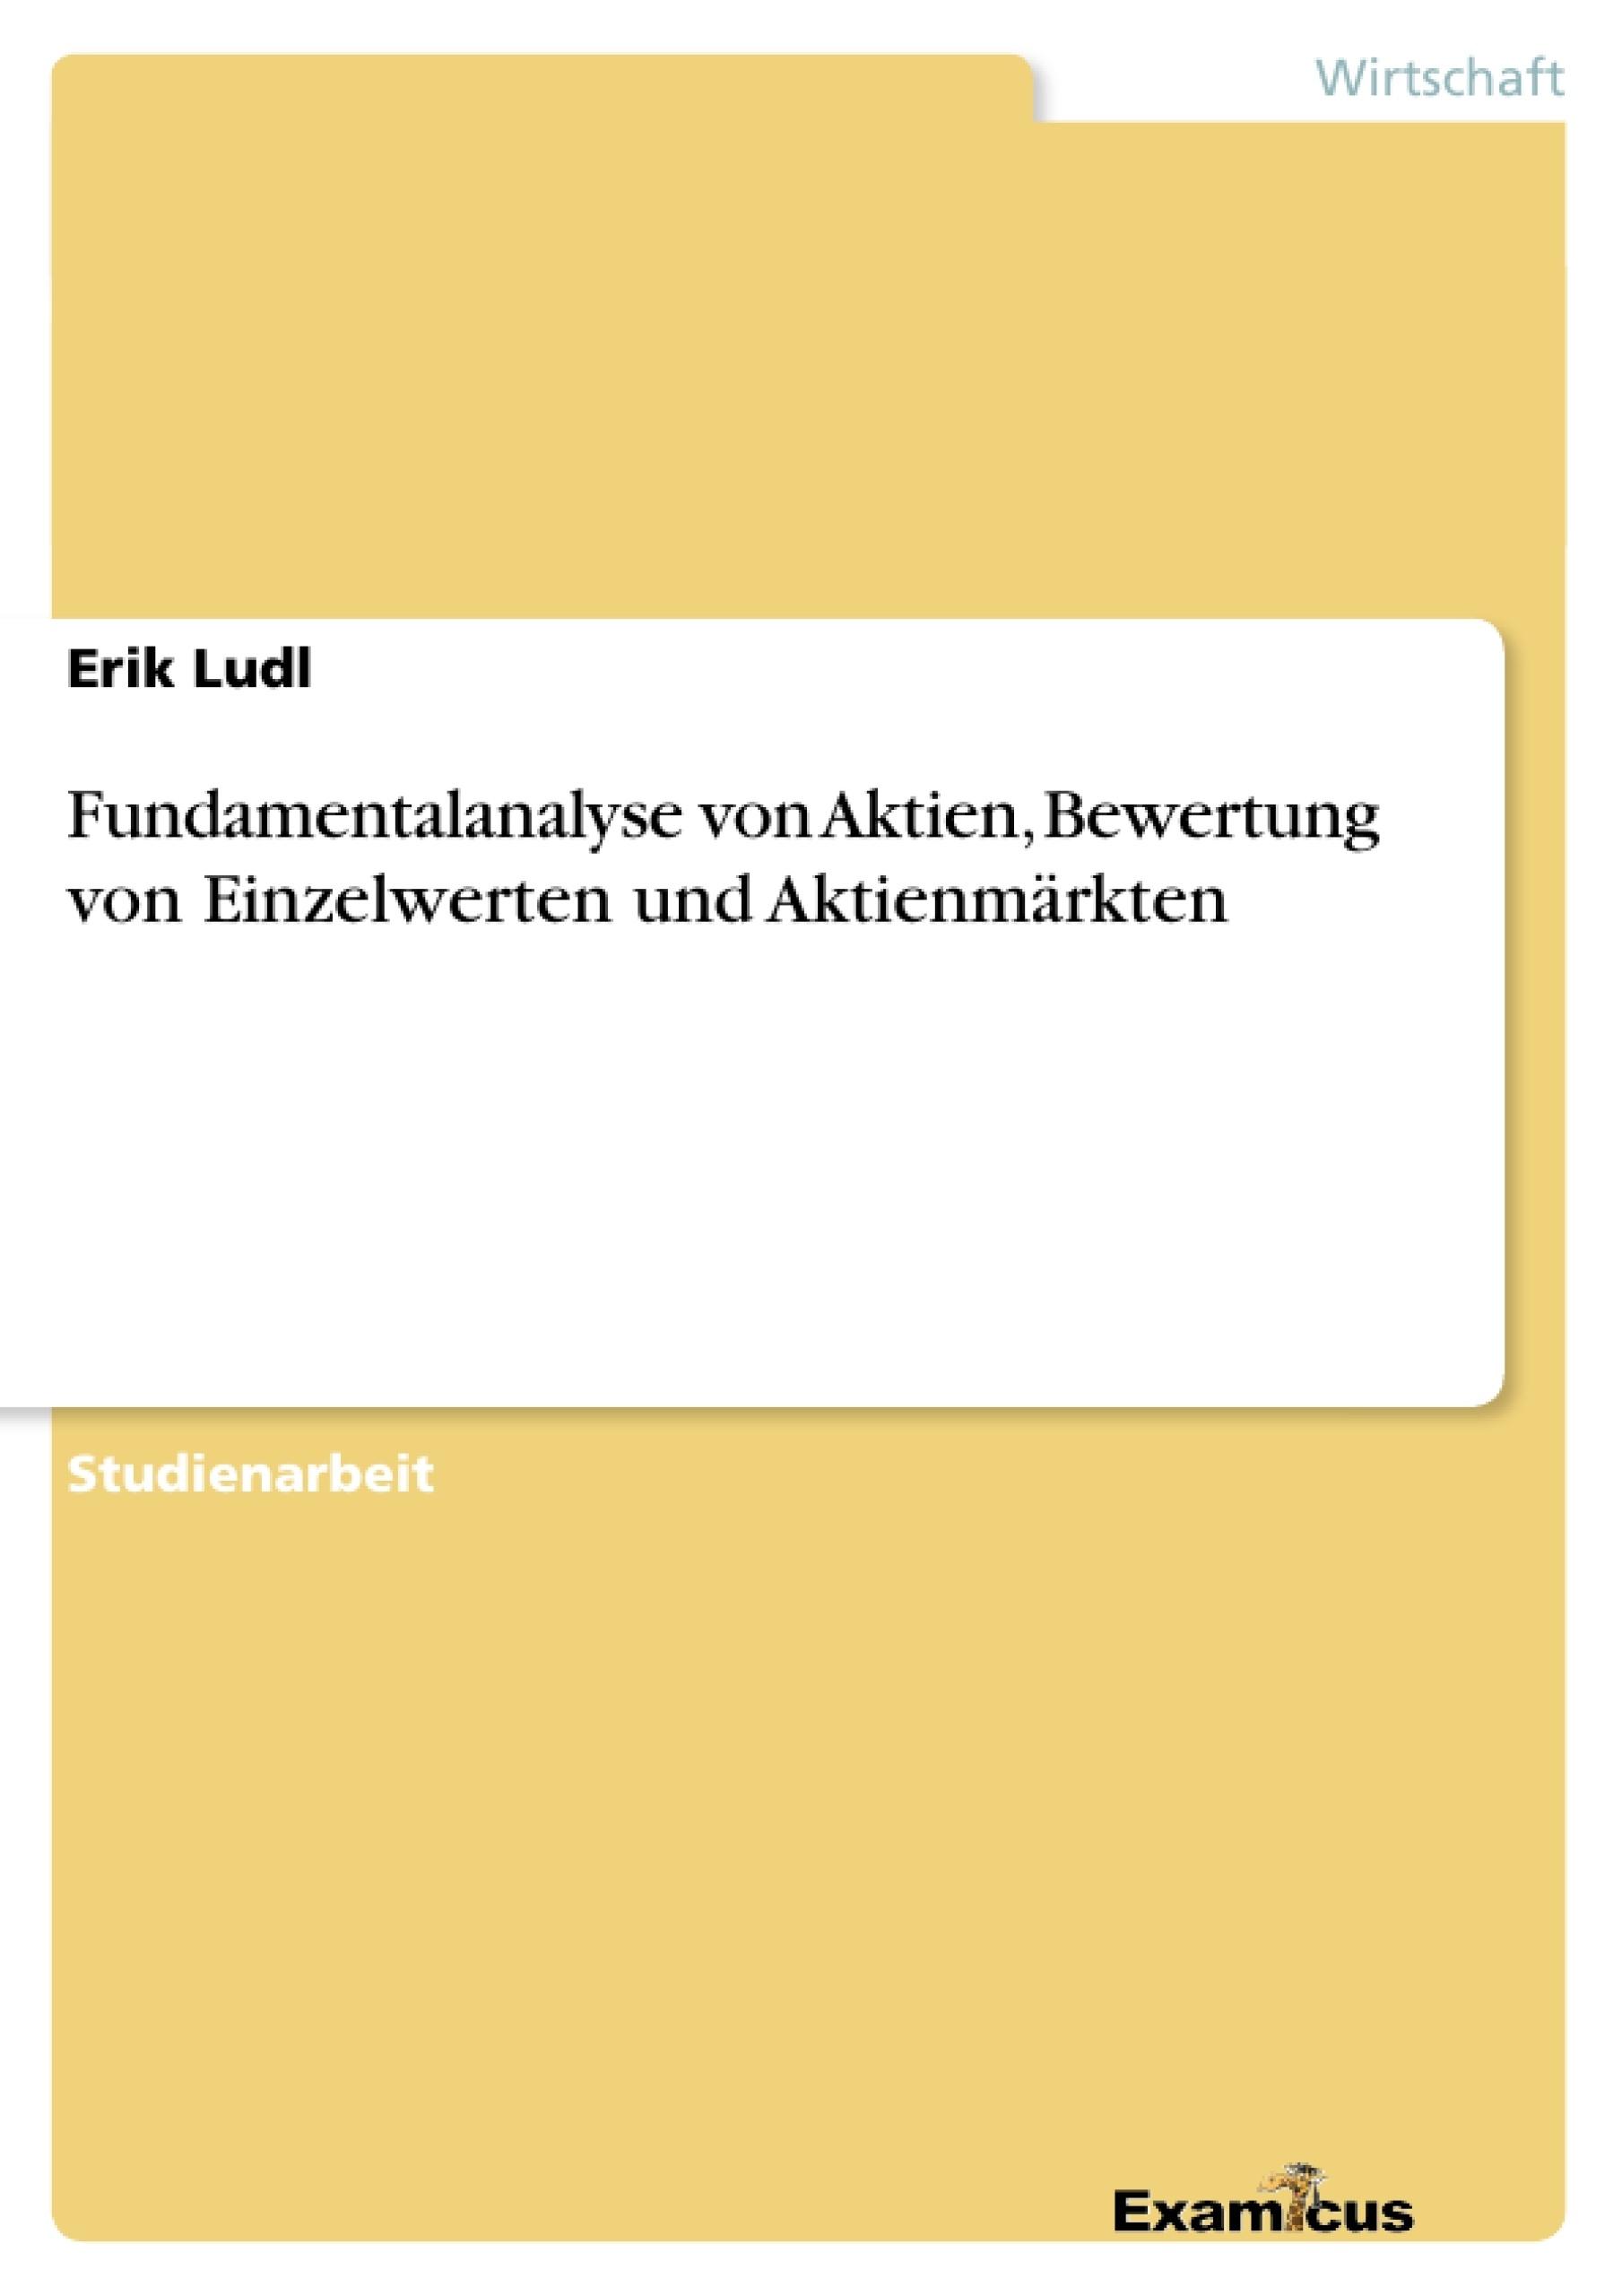 Titel: Fundamentalanalyse von Aktien, Bewertung von Einzelwerten und Aktienmärkten